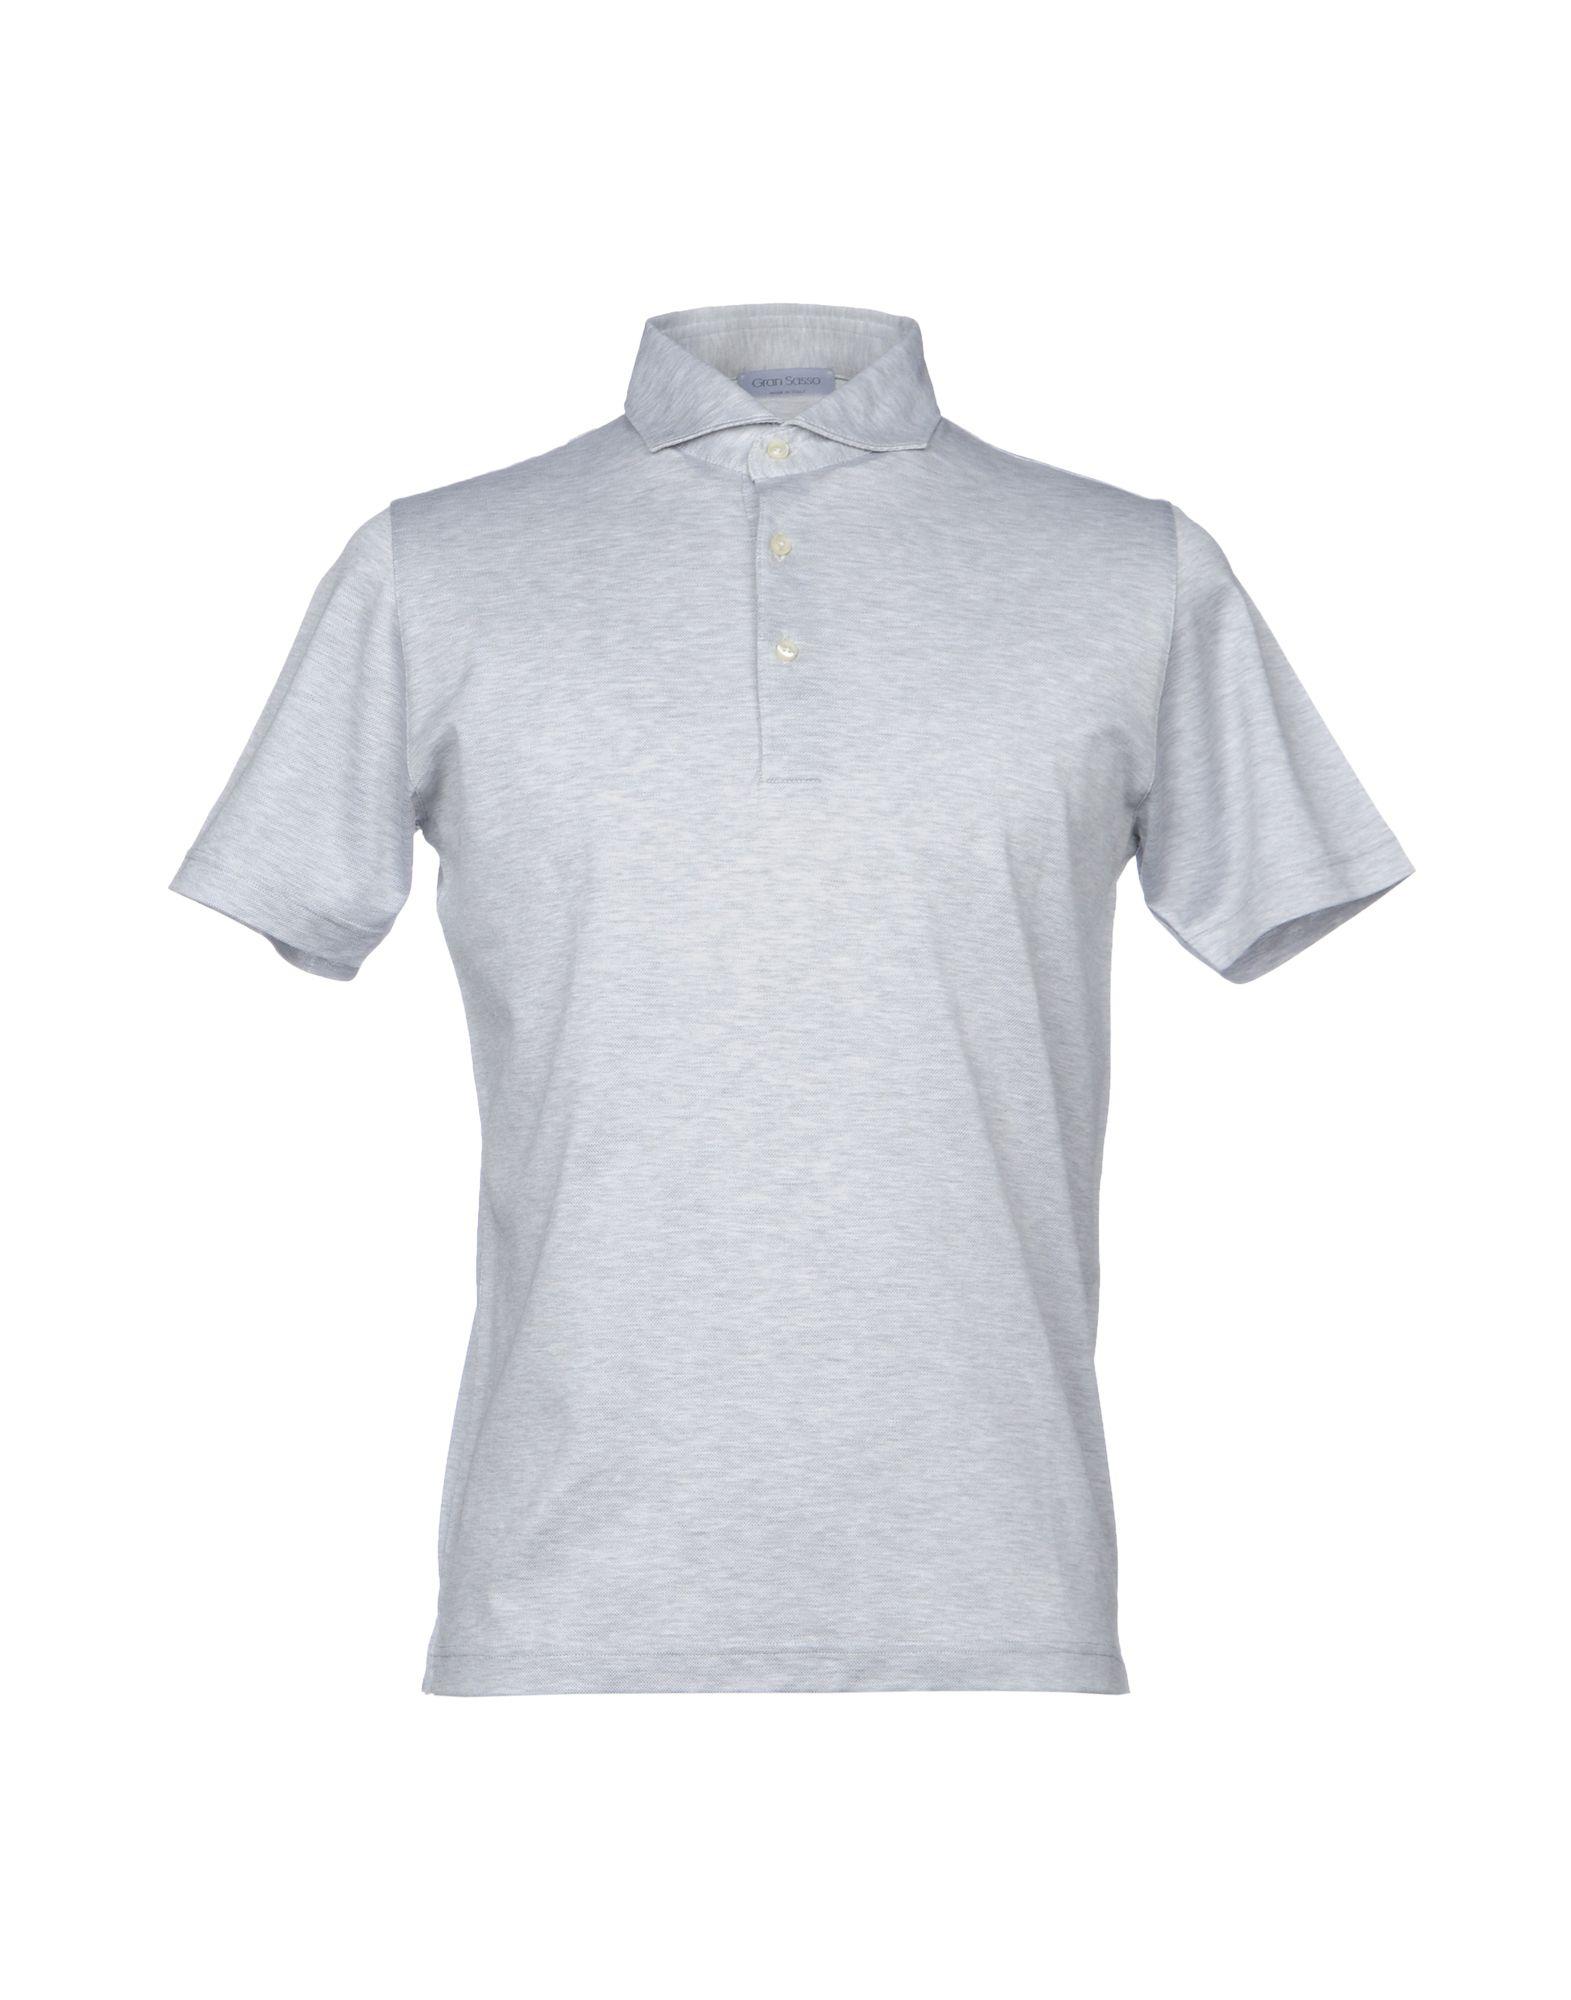 GRAN SASSO Herren Poloshirt Farbe Hellgrau Größe 6 jetztbilligerkaufen